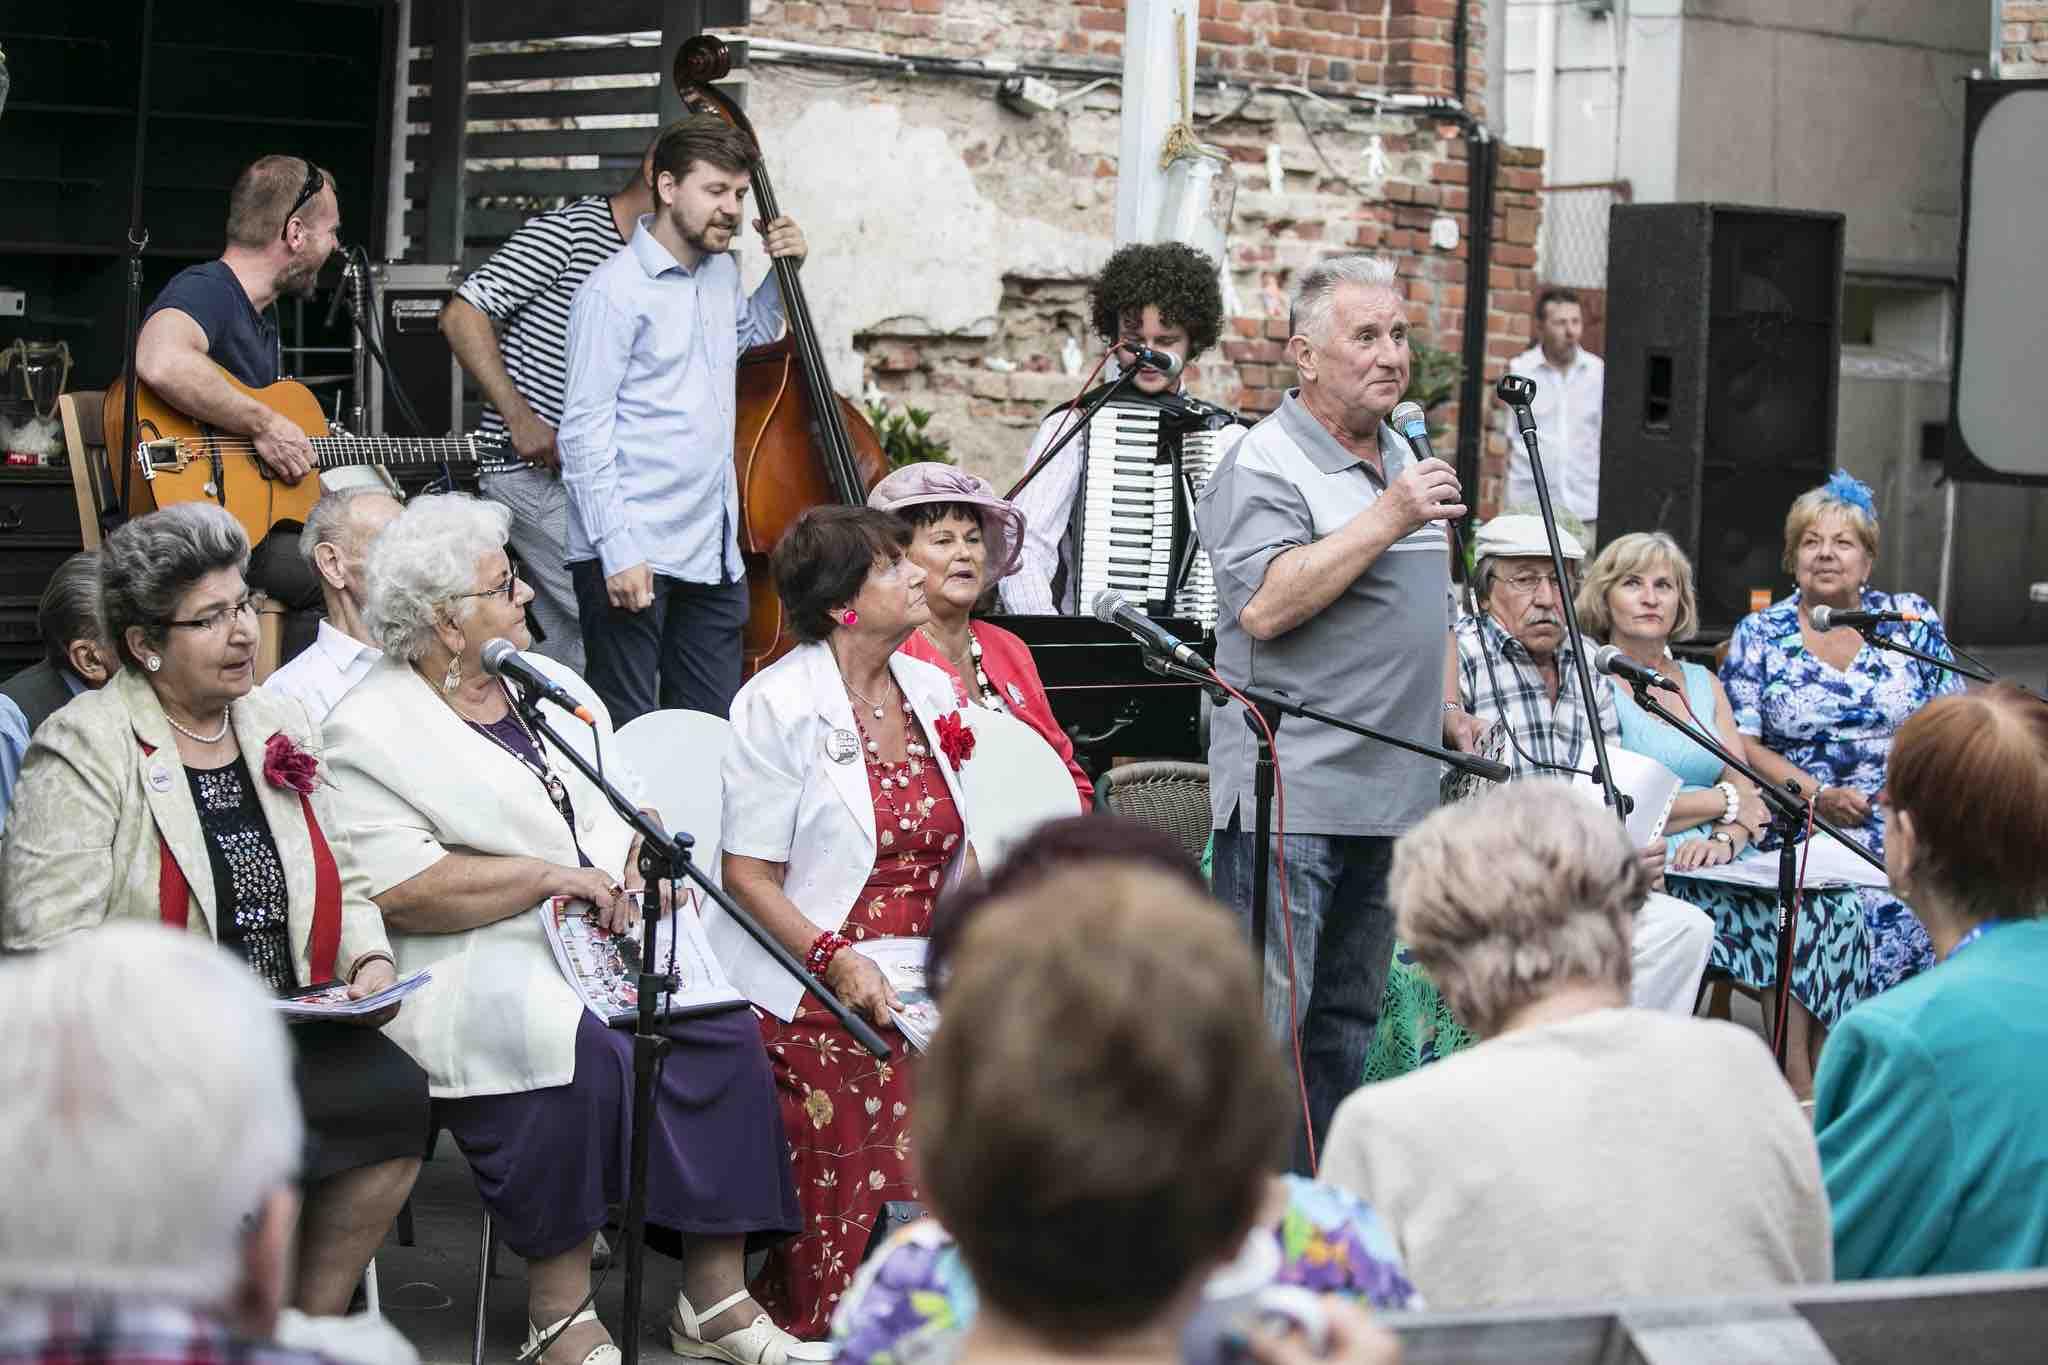 Seniorzy w Akcji 2019 – Cała Praga Śpiewa (fot. Towarzystwo Inicjatyw Twórczych ę)